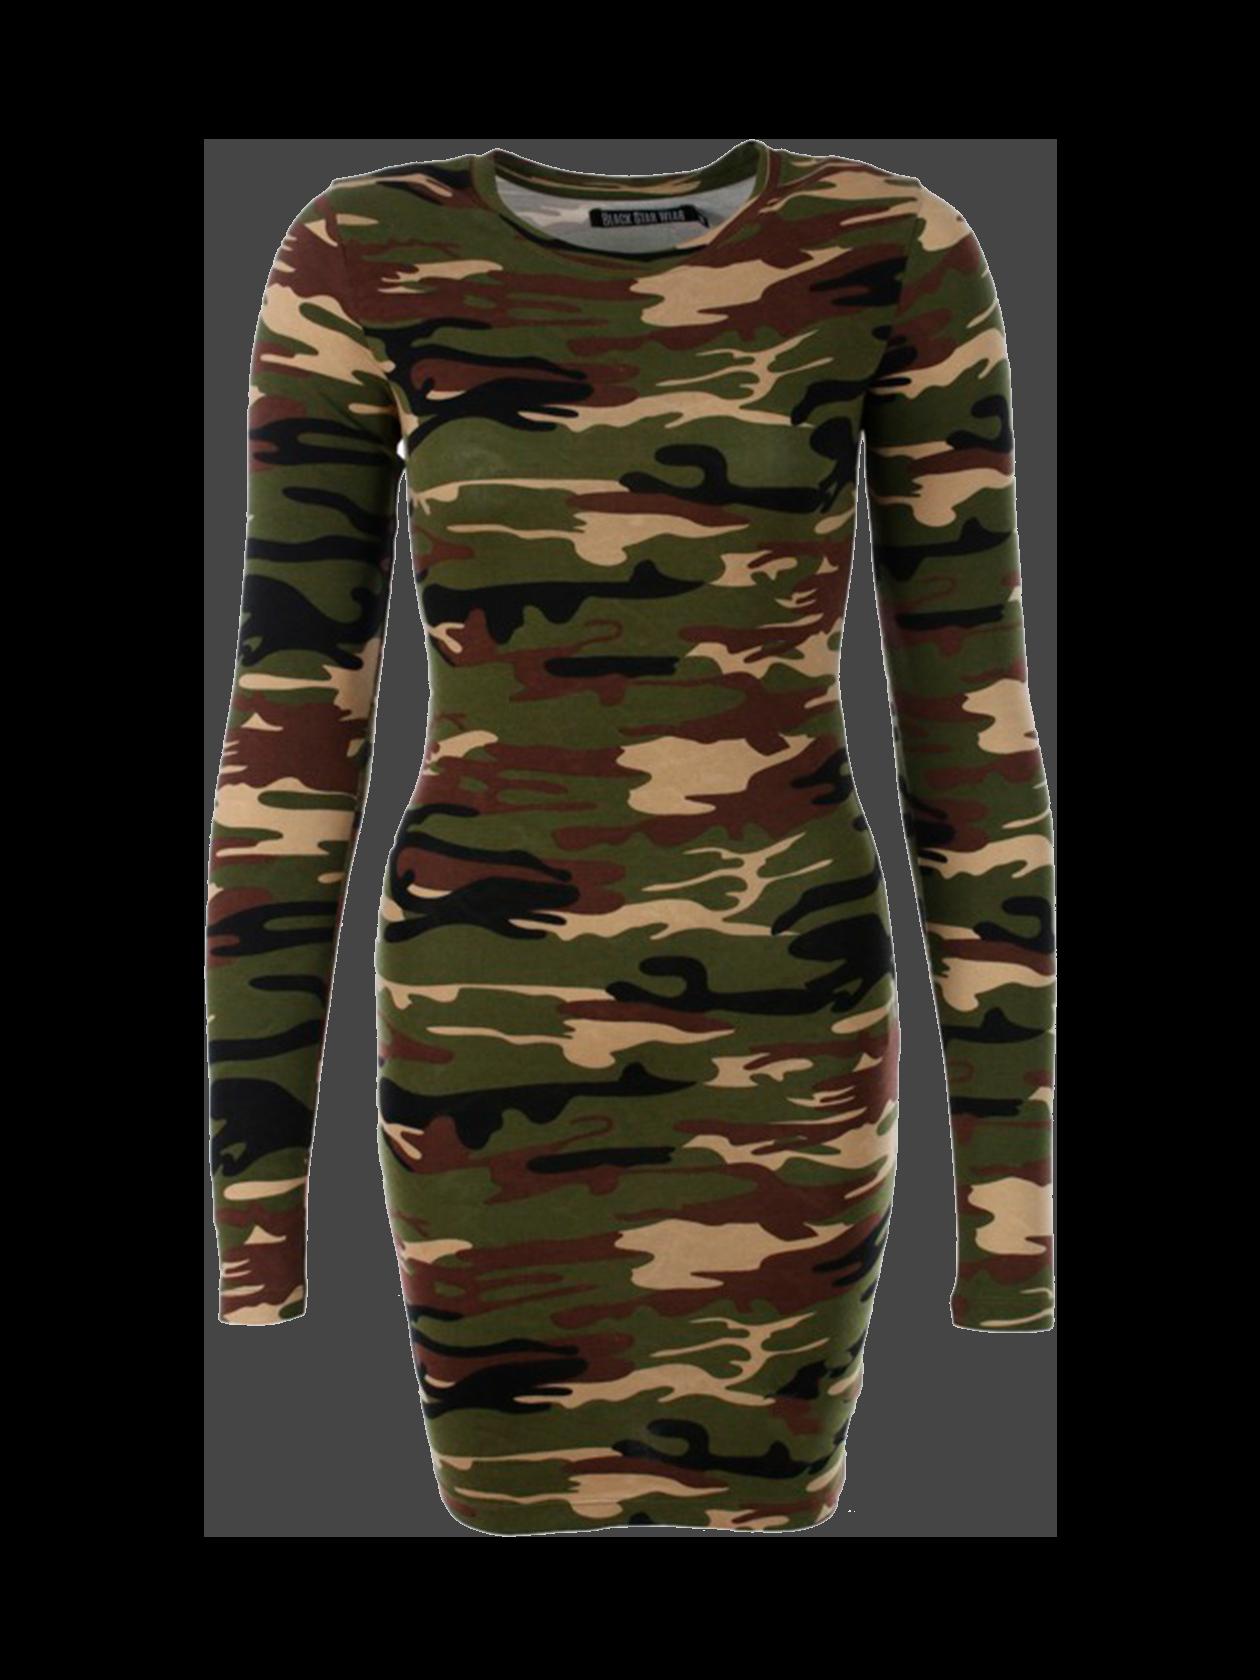 Womens dress Camo 2.0